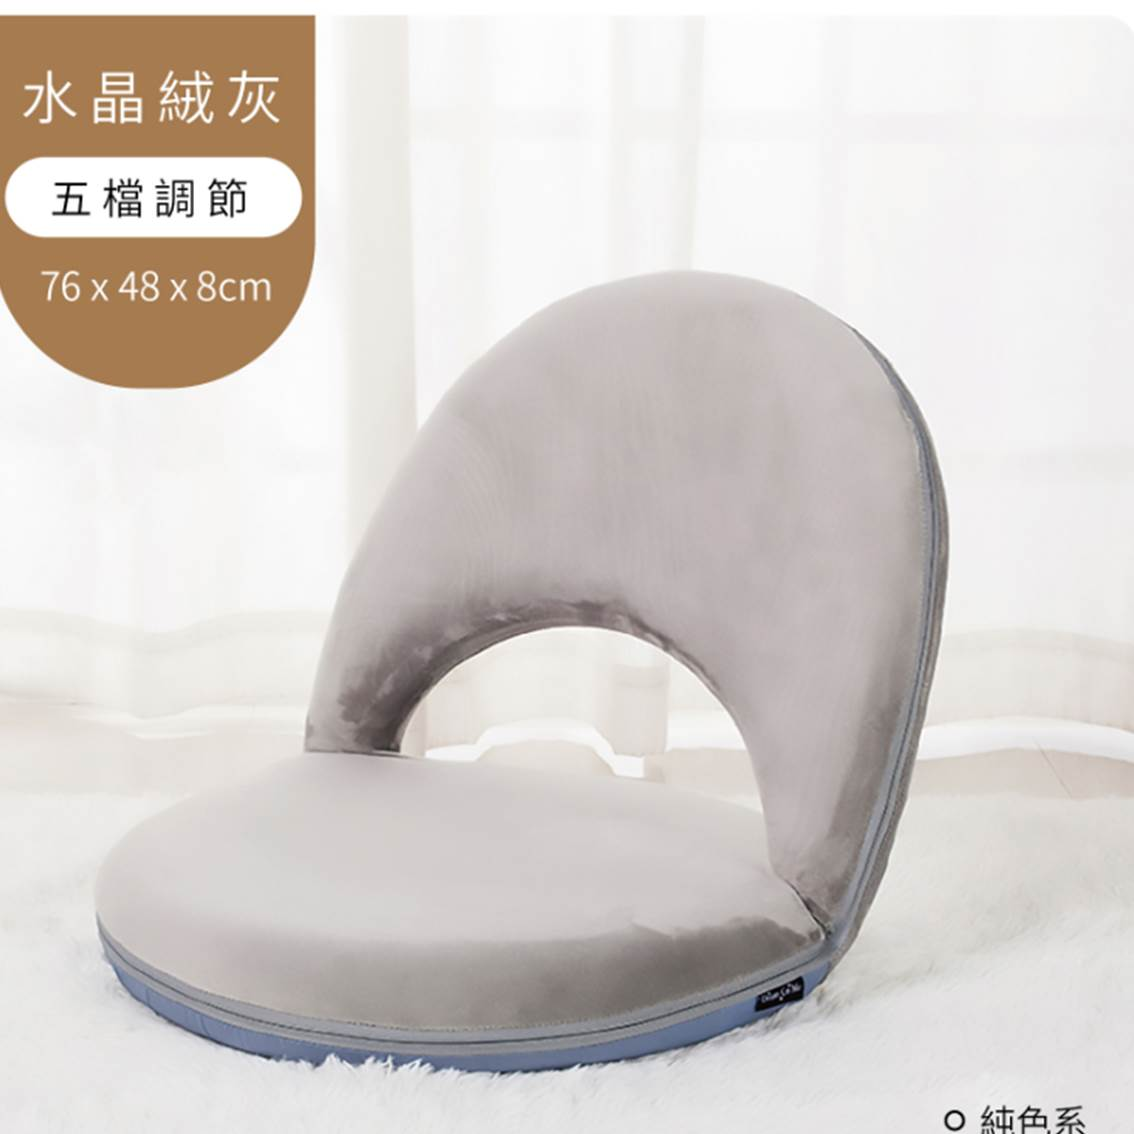 舒適可調節角度舒適可調節角度圓款梳化椅-灰色